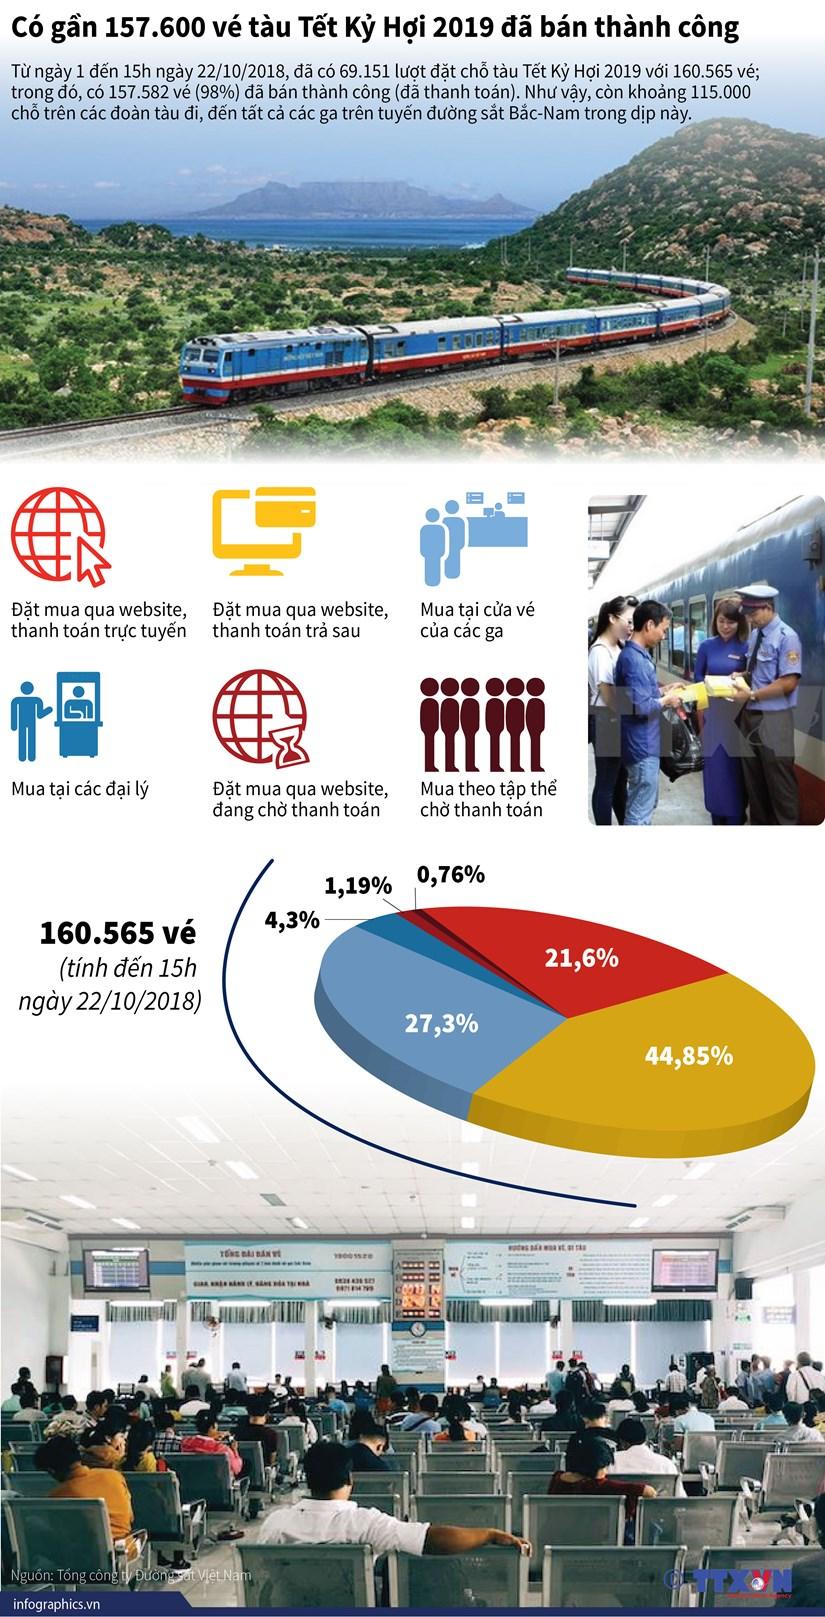 [Infographics] Gan 157.600 ve tau Tet Ky Hoi 2019 da duoc ban hinh anh 1